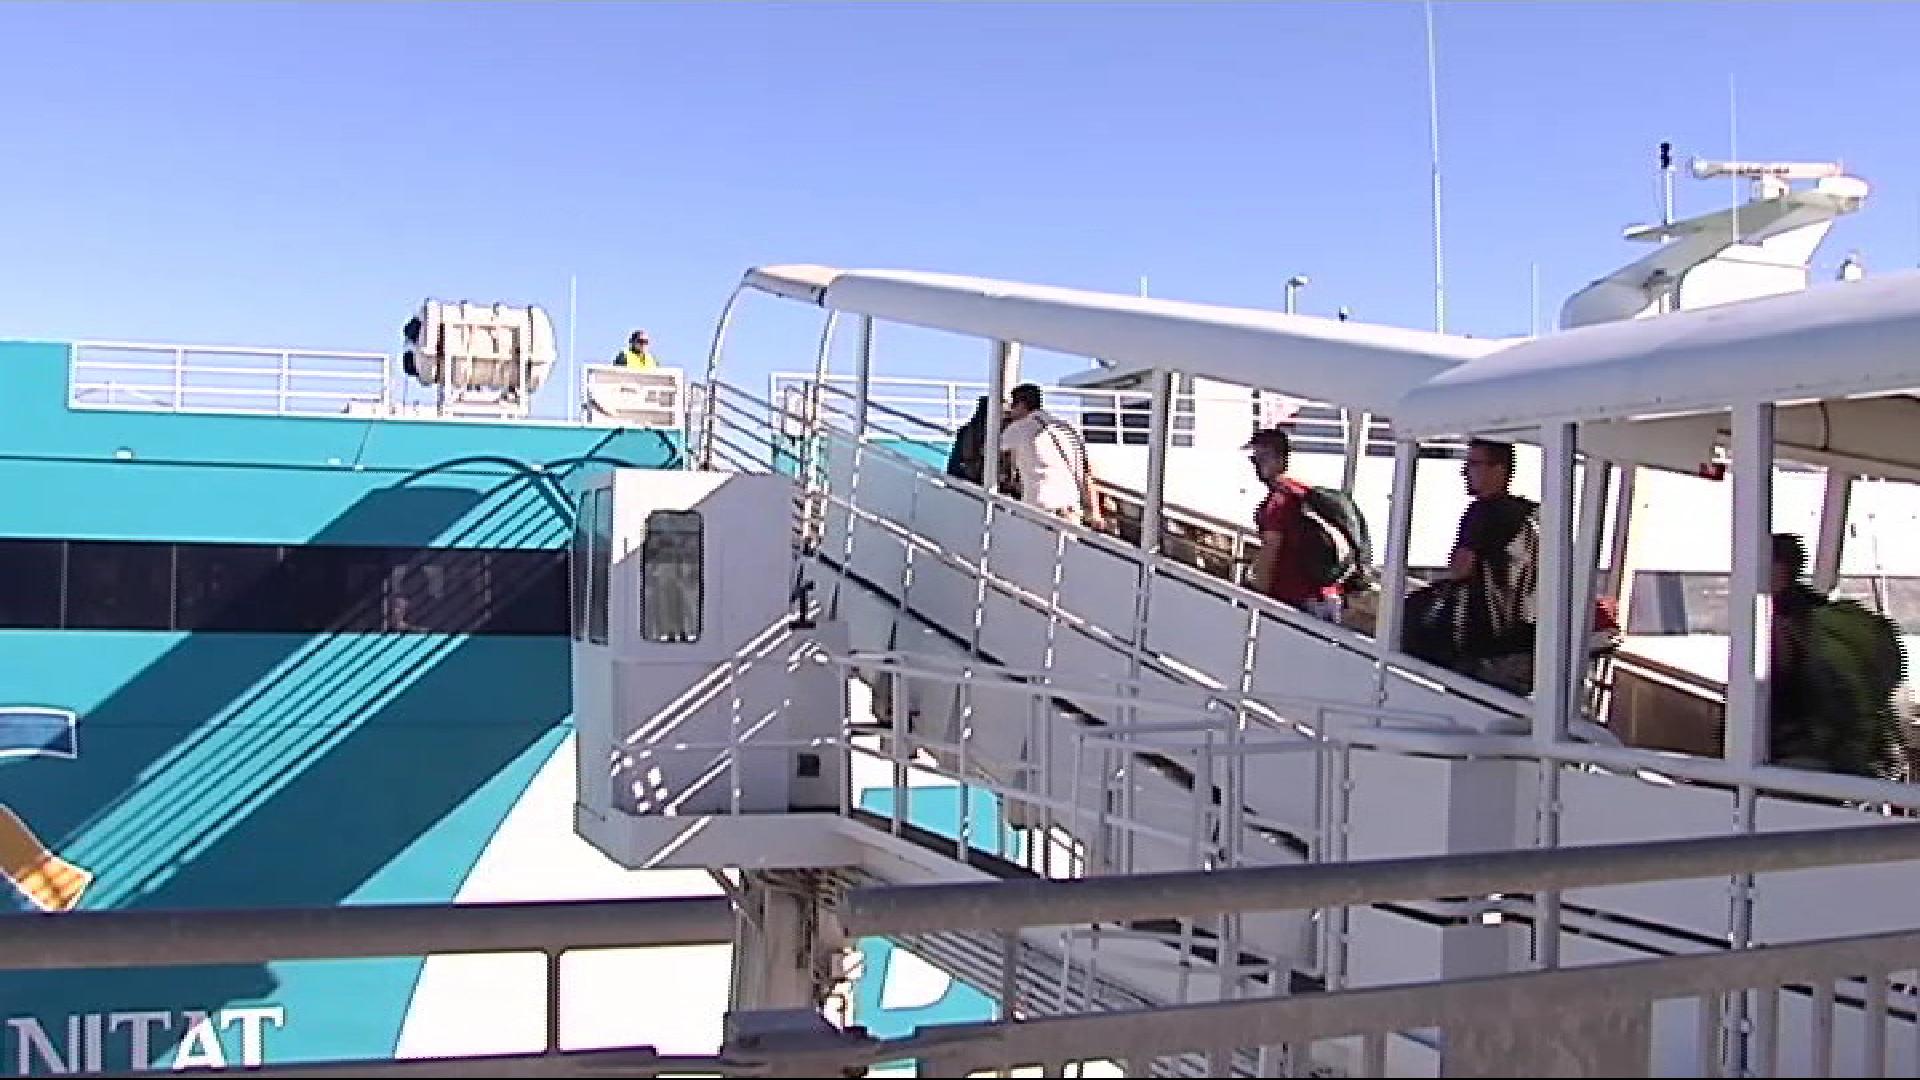 El+Govern+obliga+les+navilieres+a+operar+tot+l%26apos%3Bany+entre+Palma+i+Eivissa+i+de+Ciutadella+a+Alc%C3%BAdia